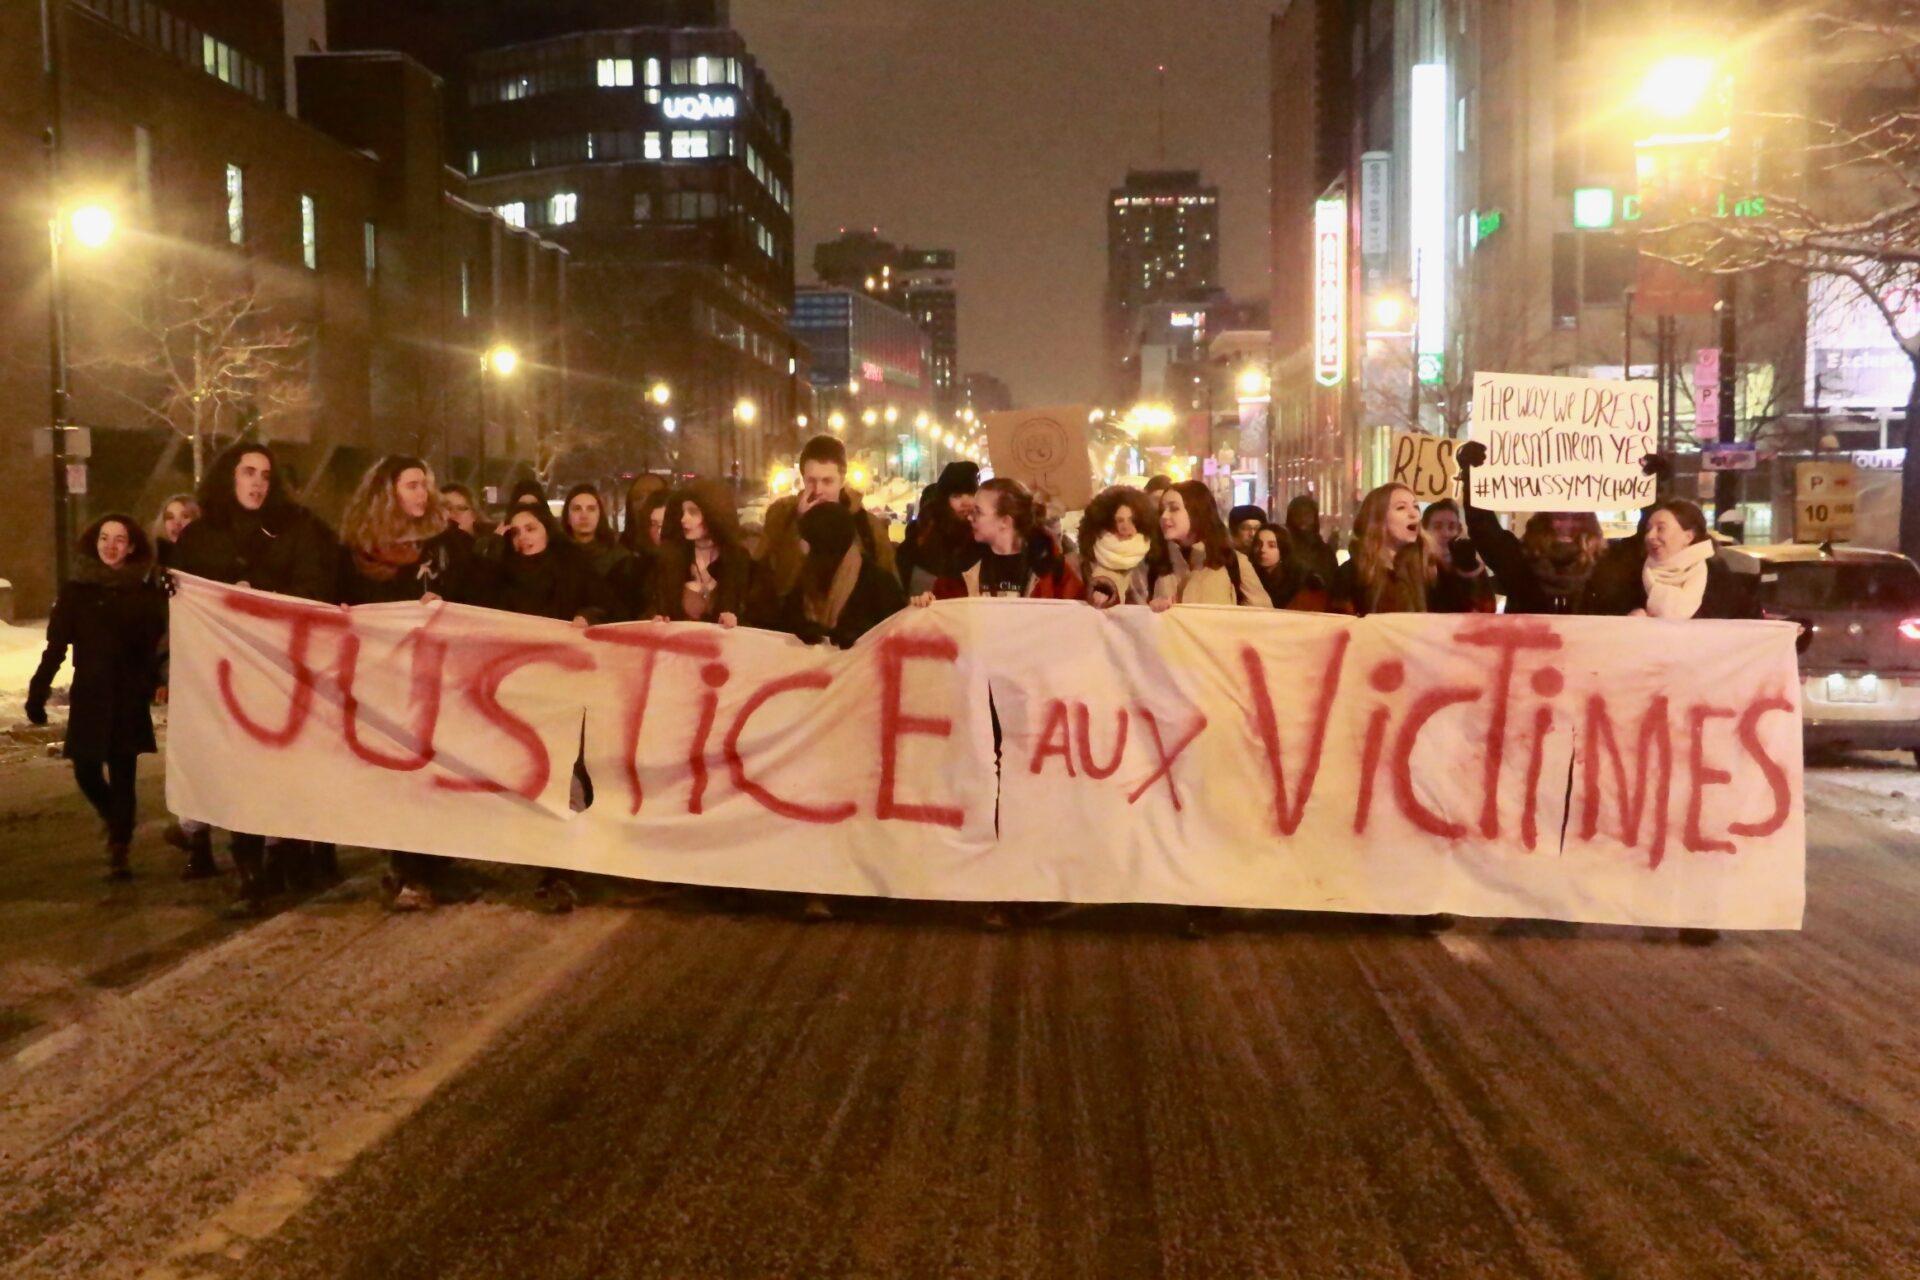 Les victimes d'agressions sexuelles demandent justice